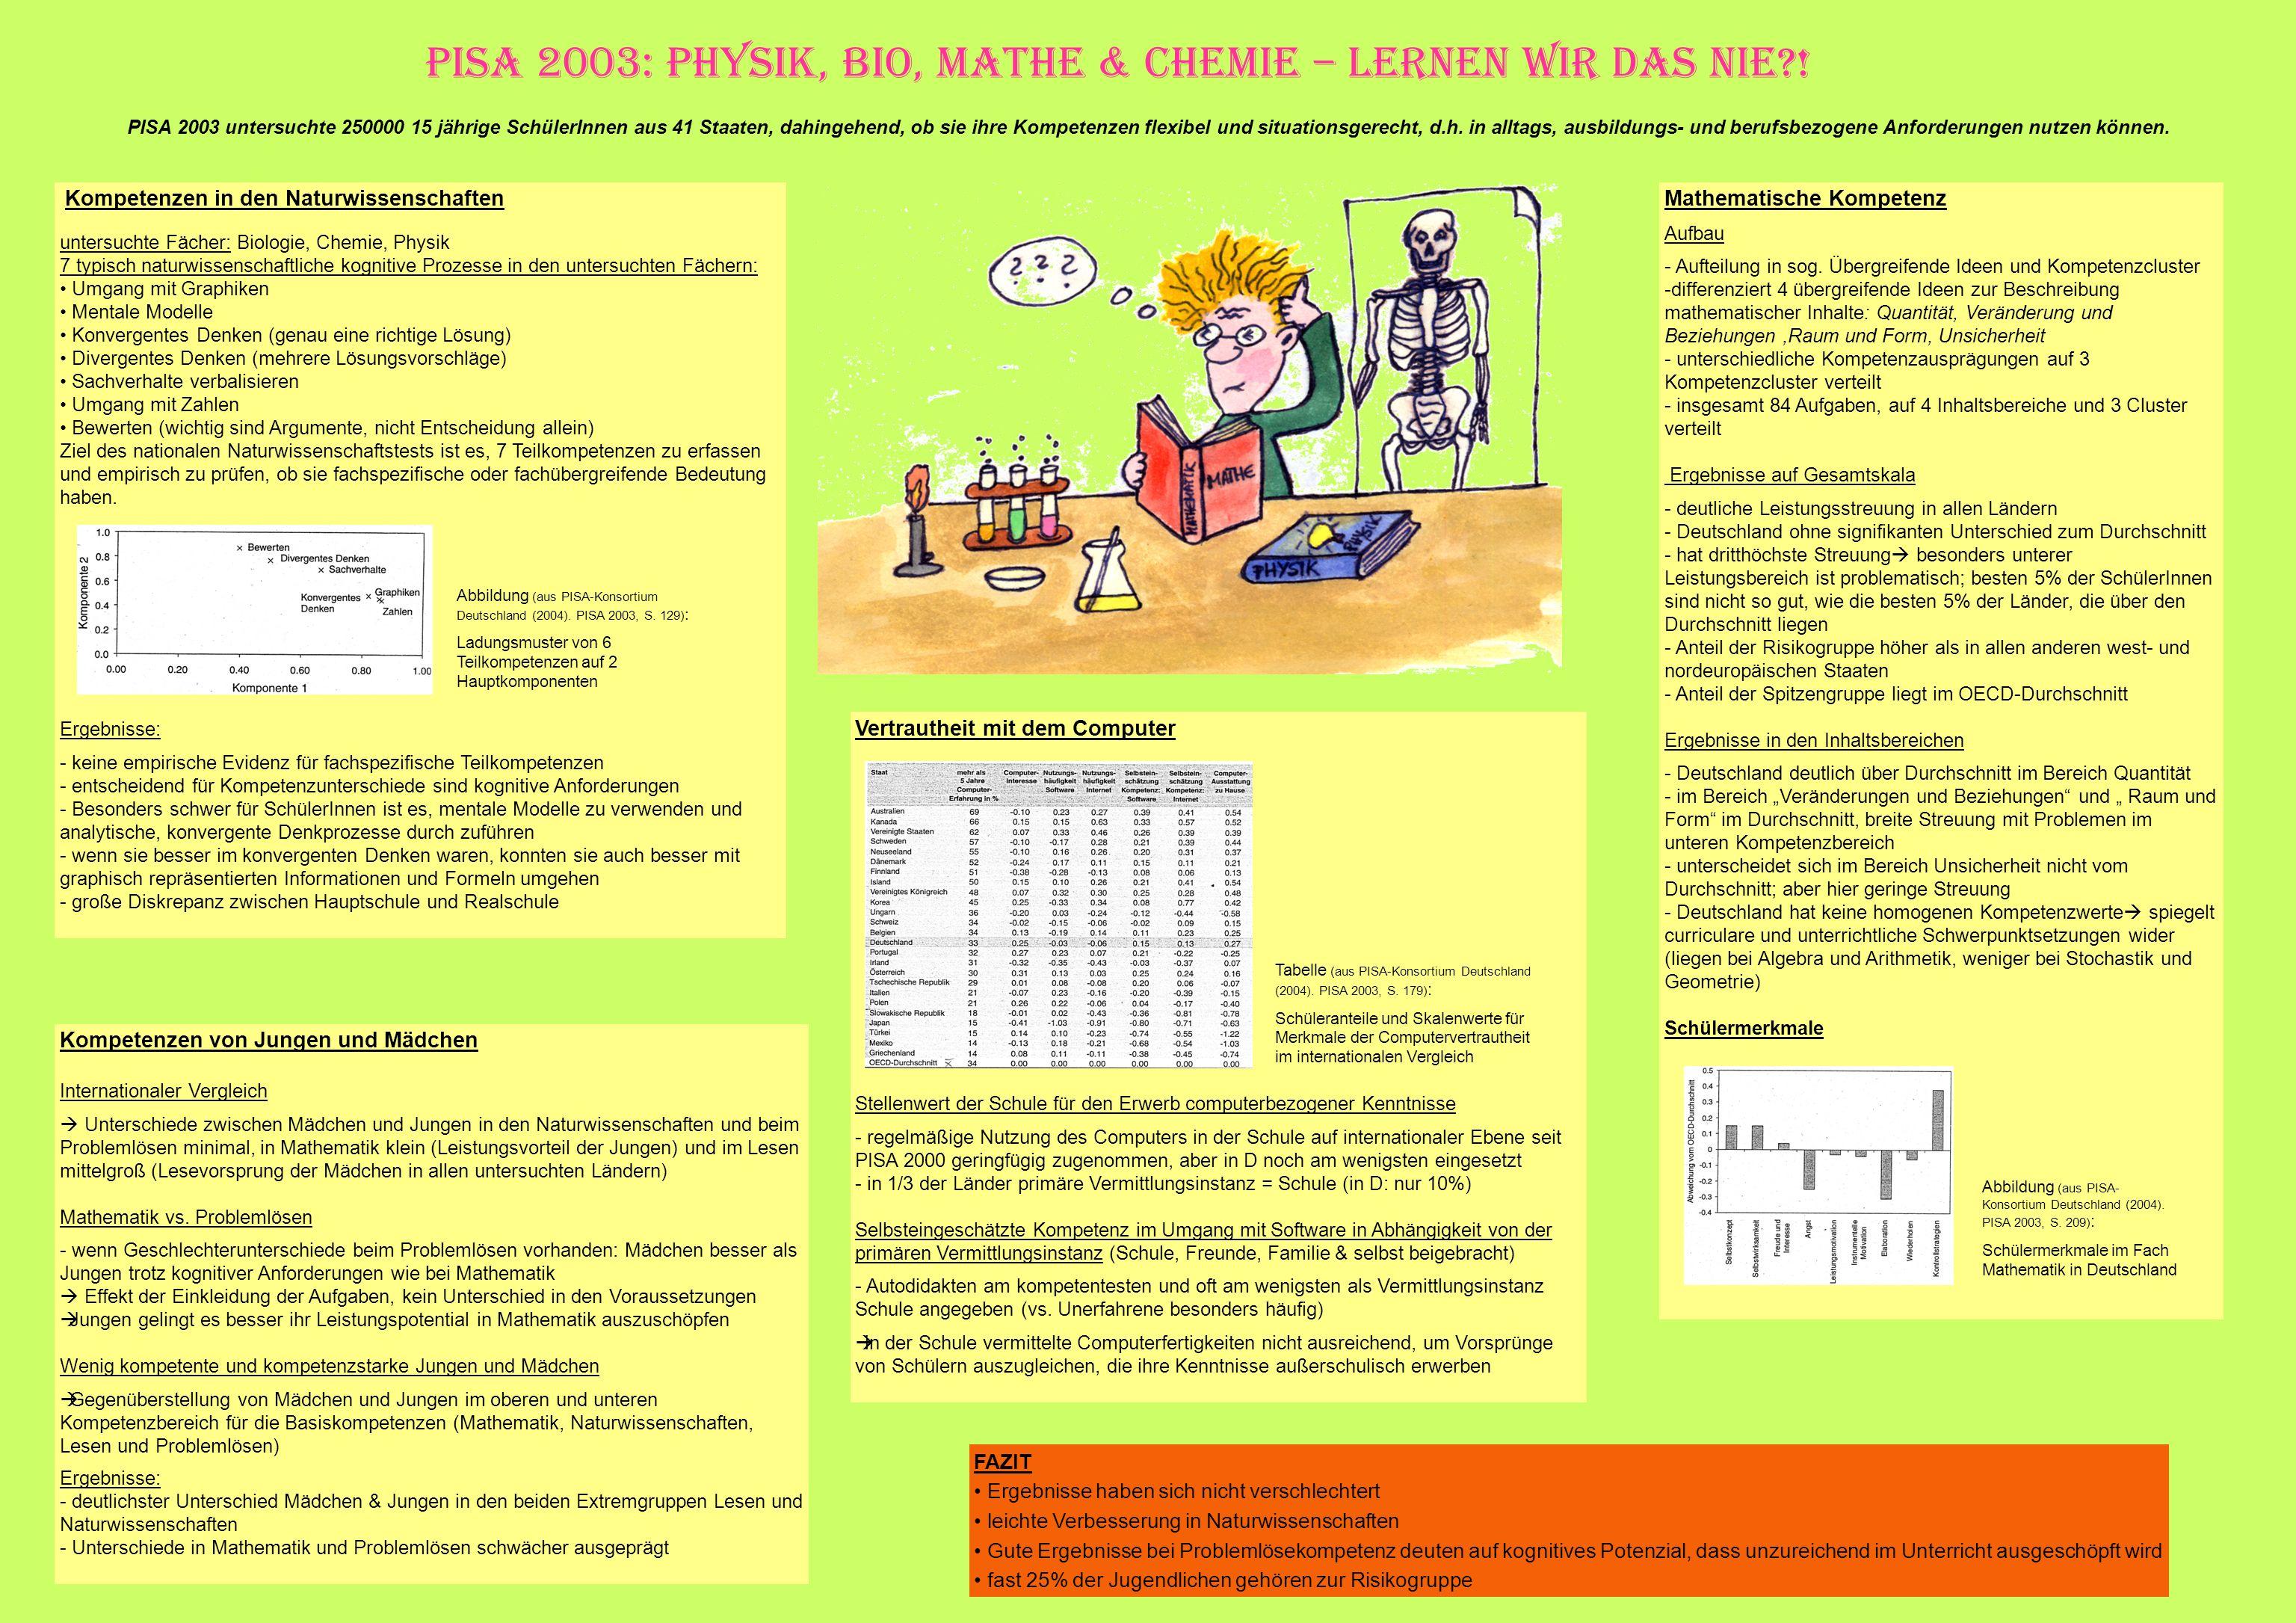 PISA 2003: Physik, Bio, Mathe & Chemie – Lernen wir das nie !